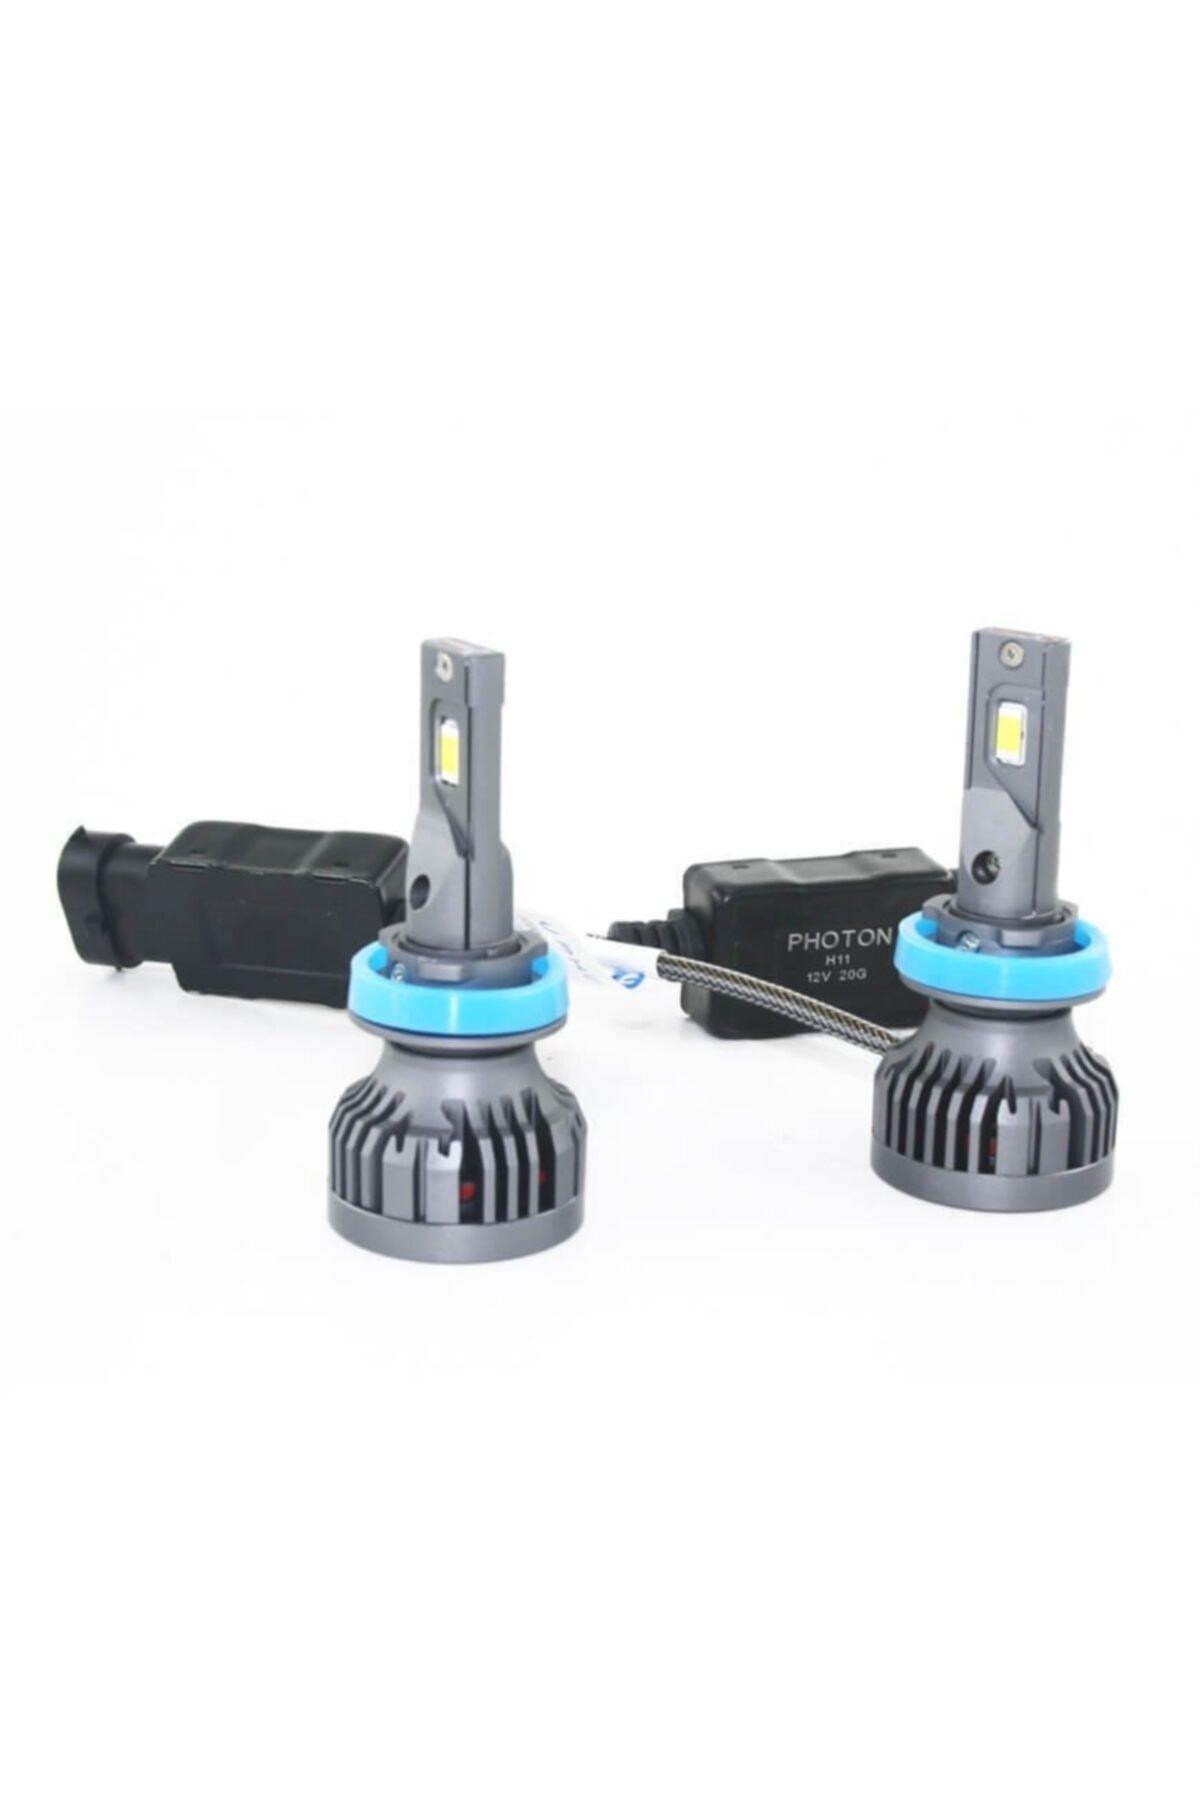 Photon H11 Led Xenon 9500 Lumens Ul2329-h11 2